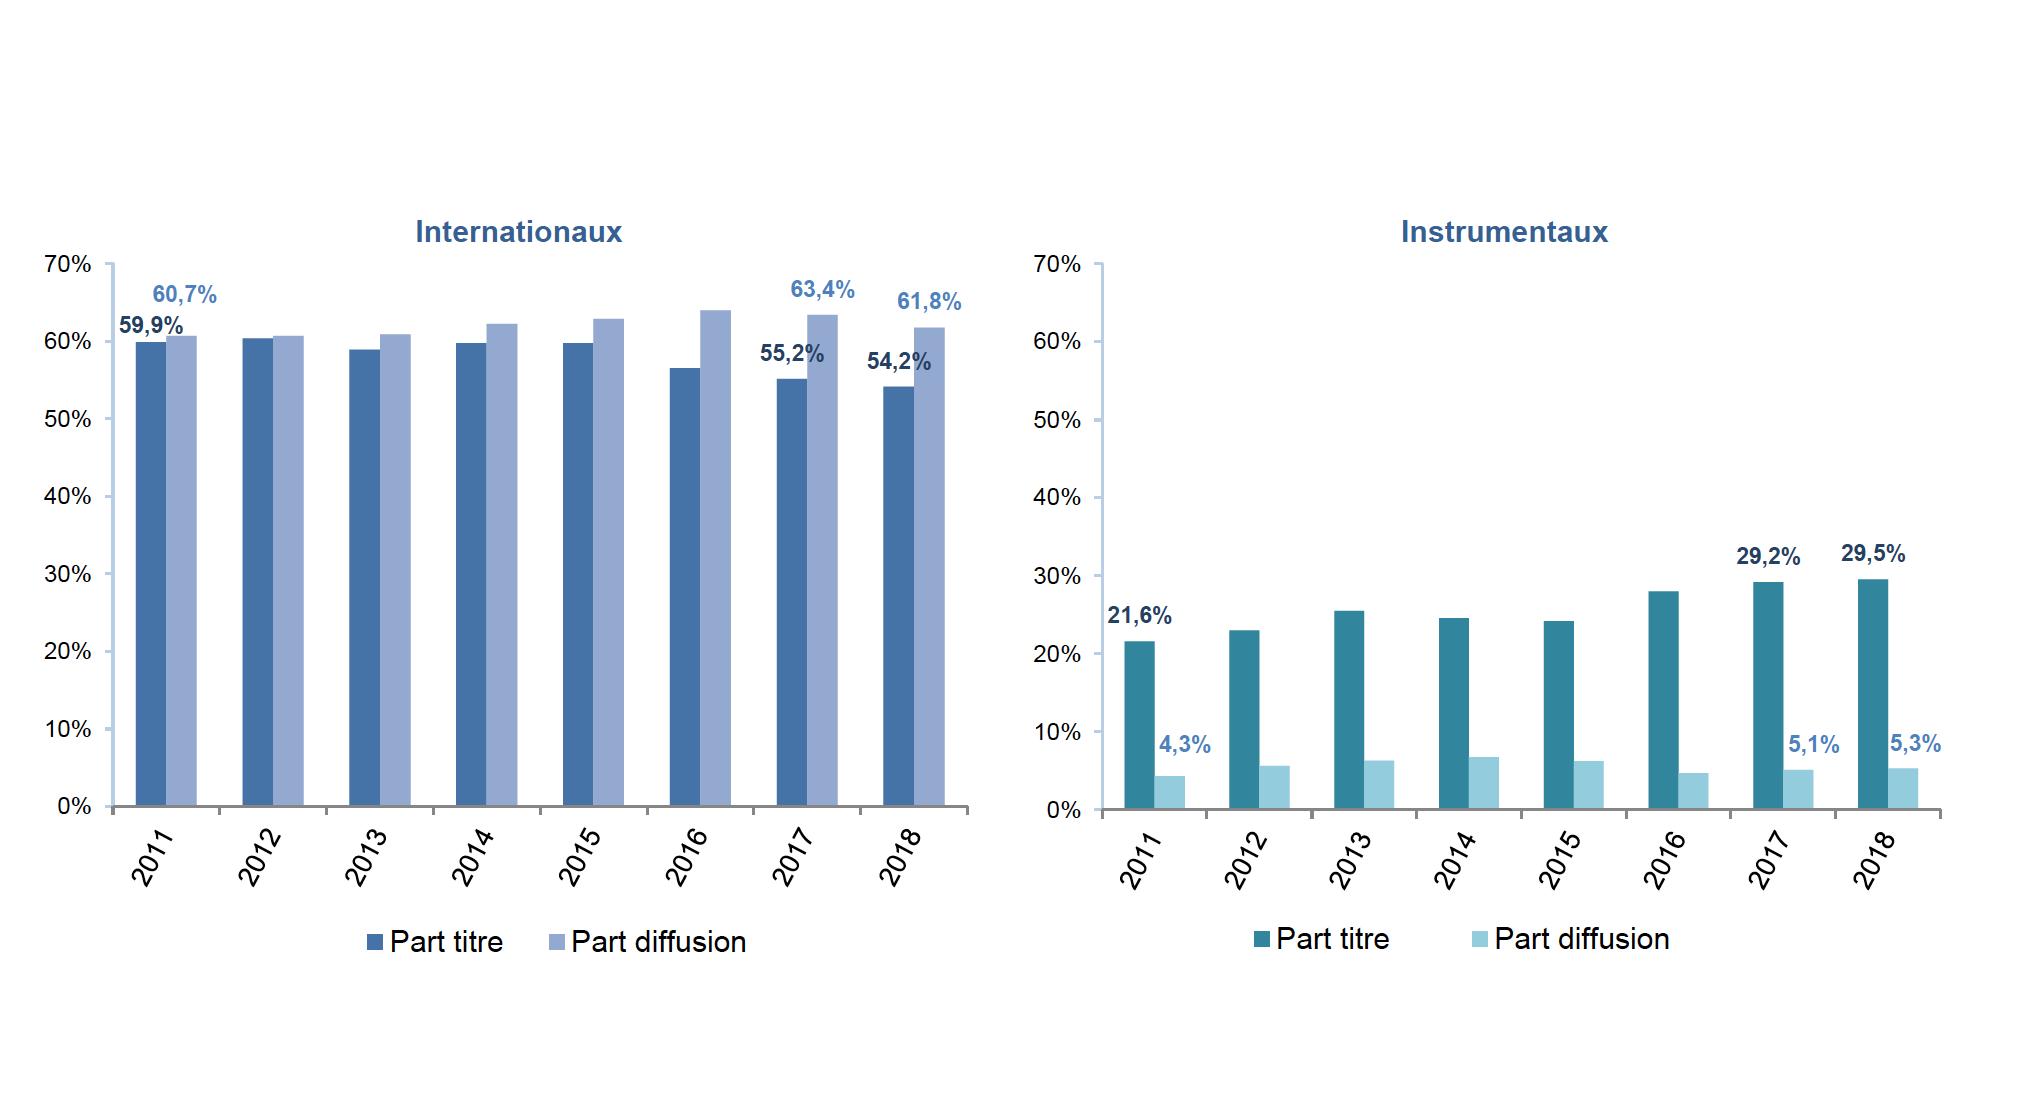 Évolution des internationaux et instrumentaux © Observatoire de l'économie de la musique